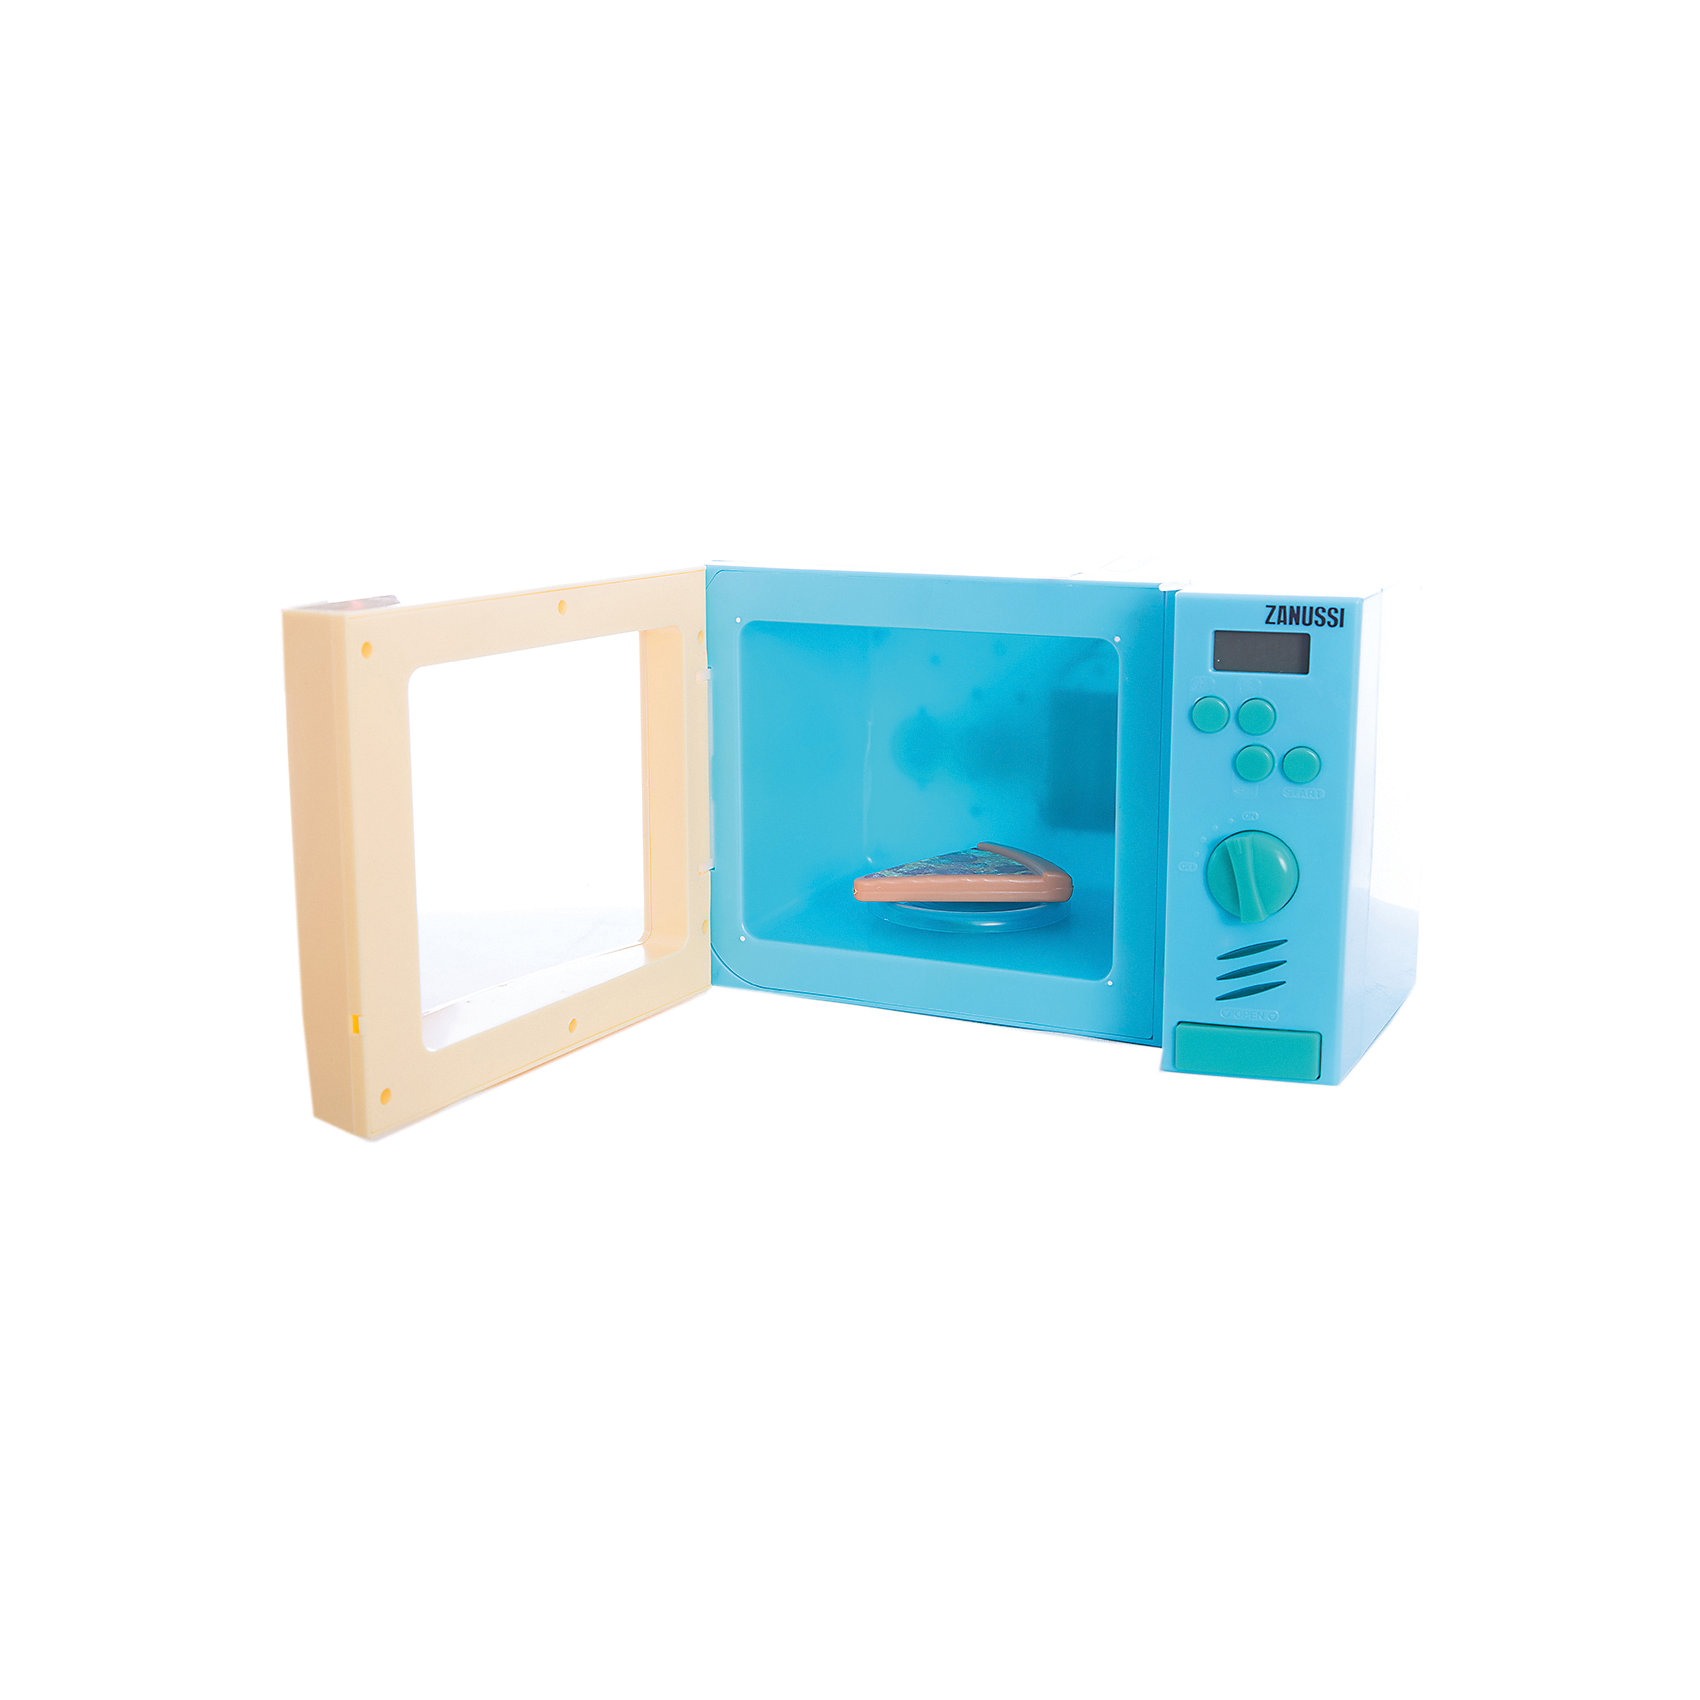 HTI Микроволновая печь, HTI hti игровой набор микроволновая печь smart